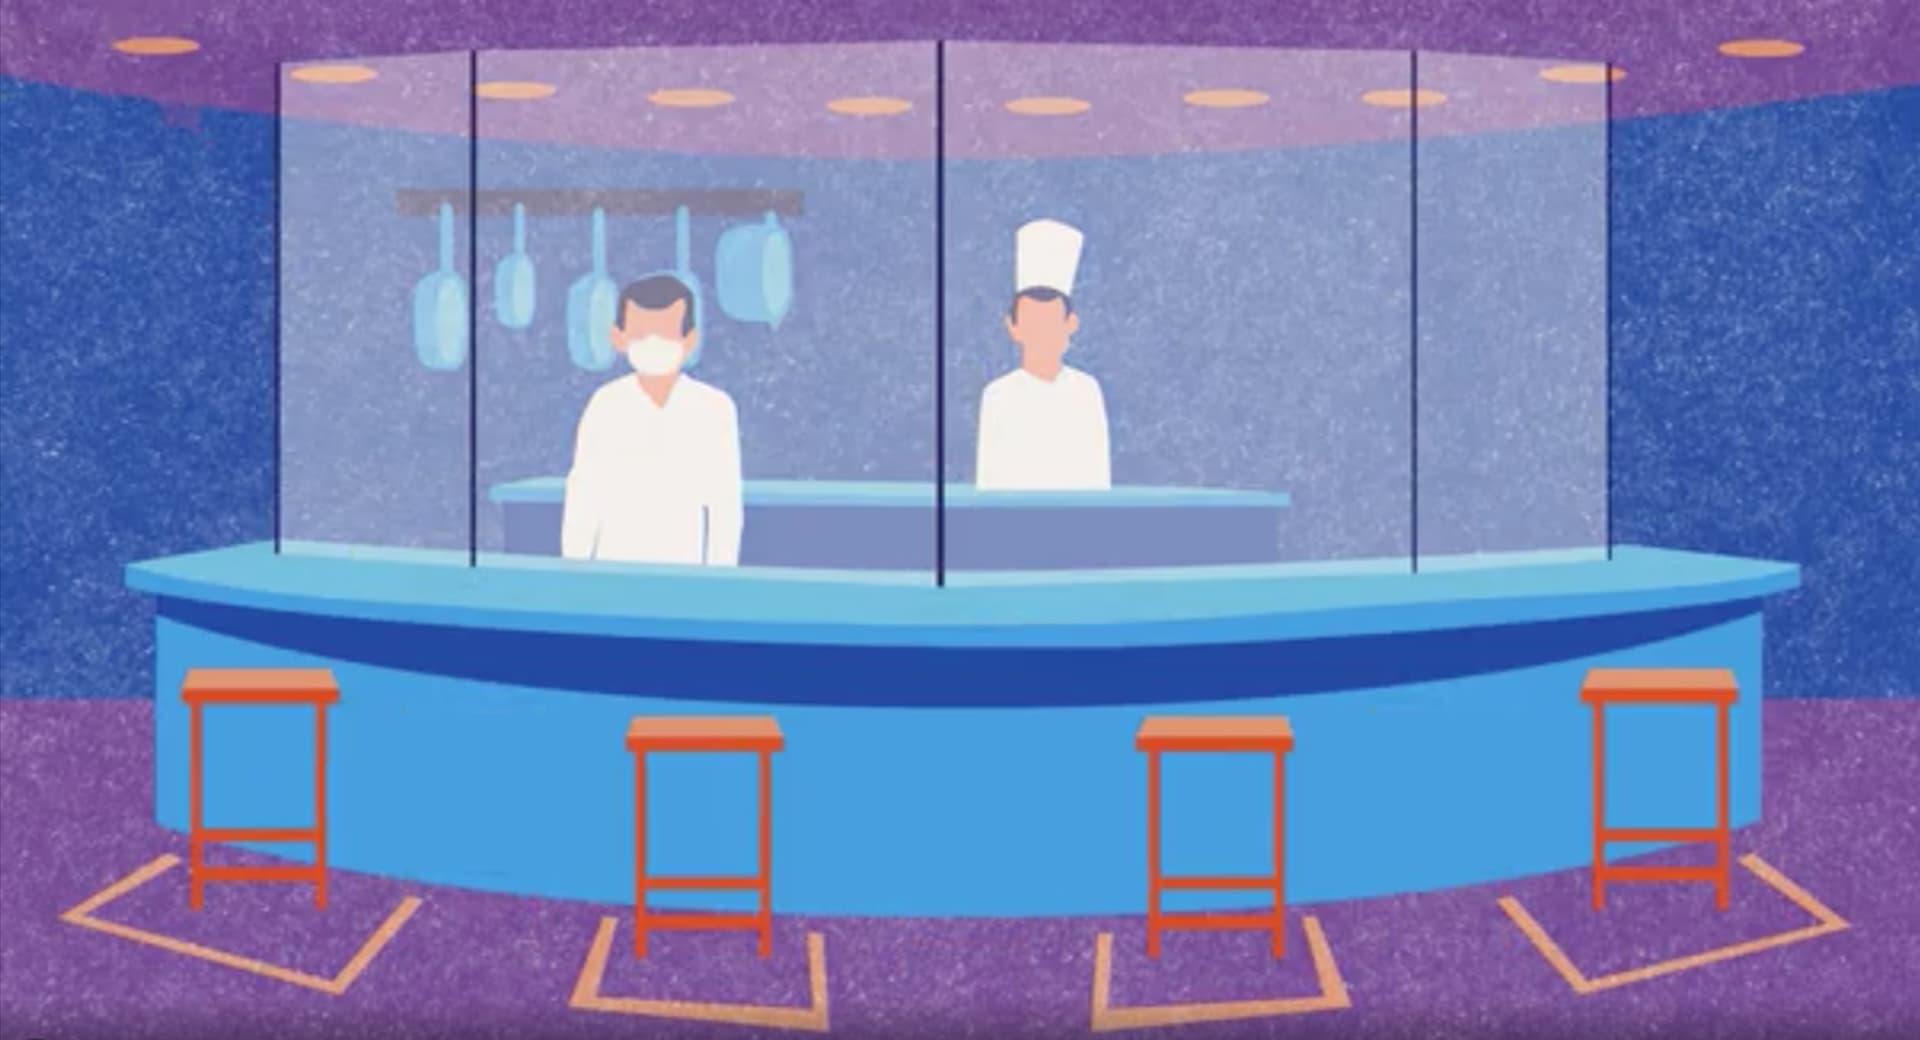 كيف سيبدو تناول الطعام في المطاعم في ظل جائحة فيروس كورونا؟